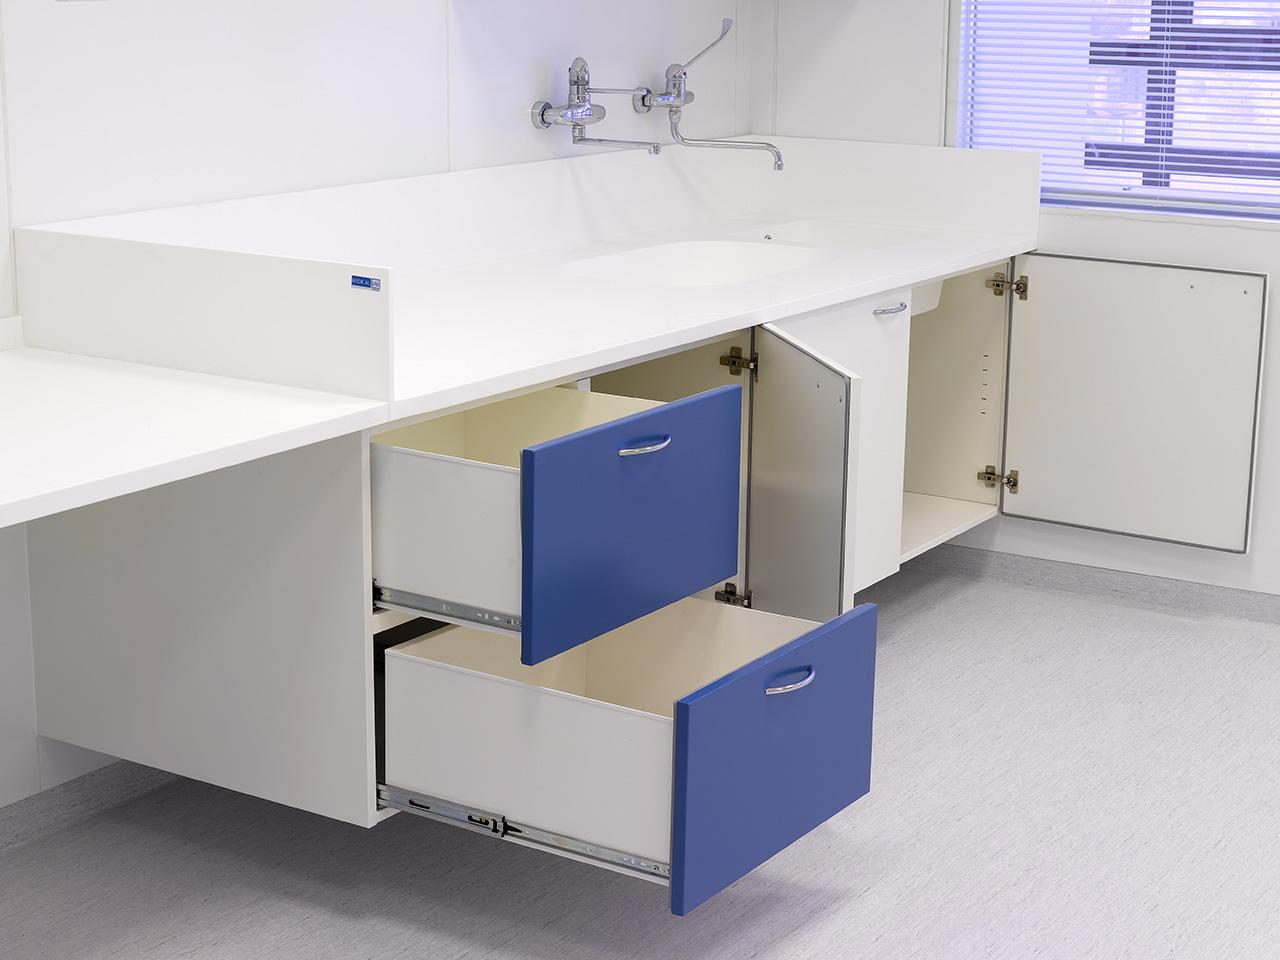 Realizzazione aree ospedaliere - Ospedale Camposampiero 07